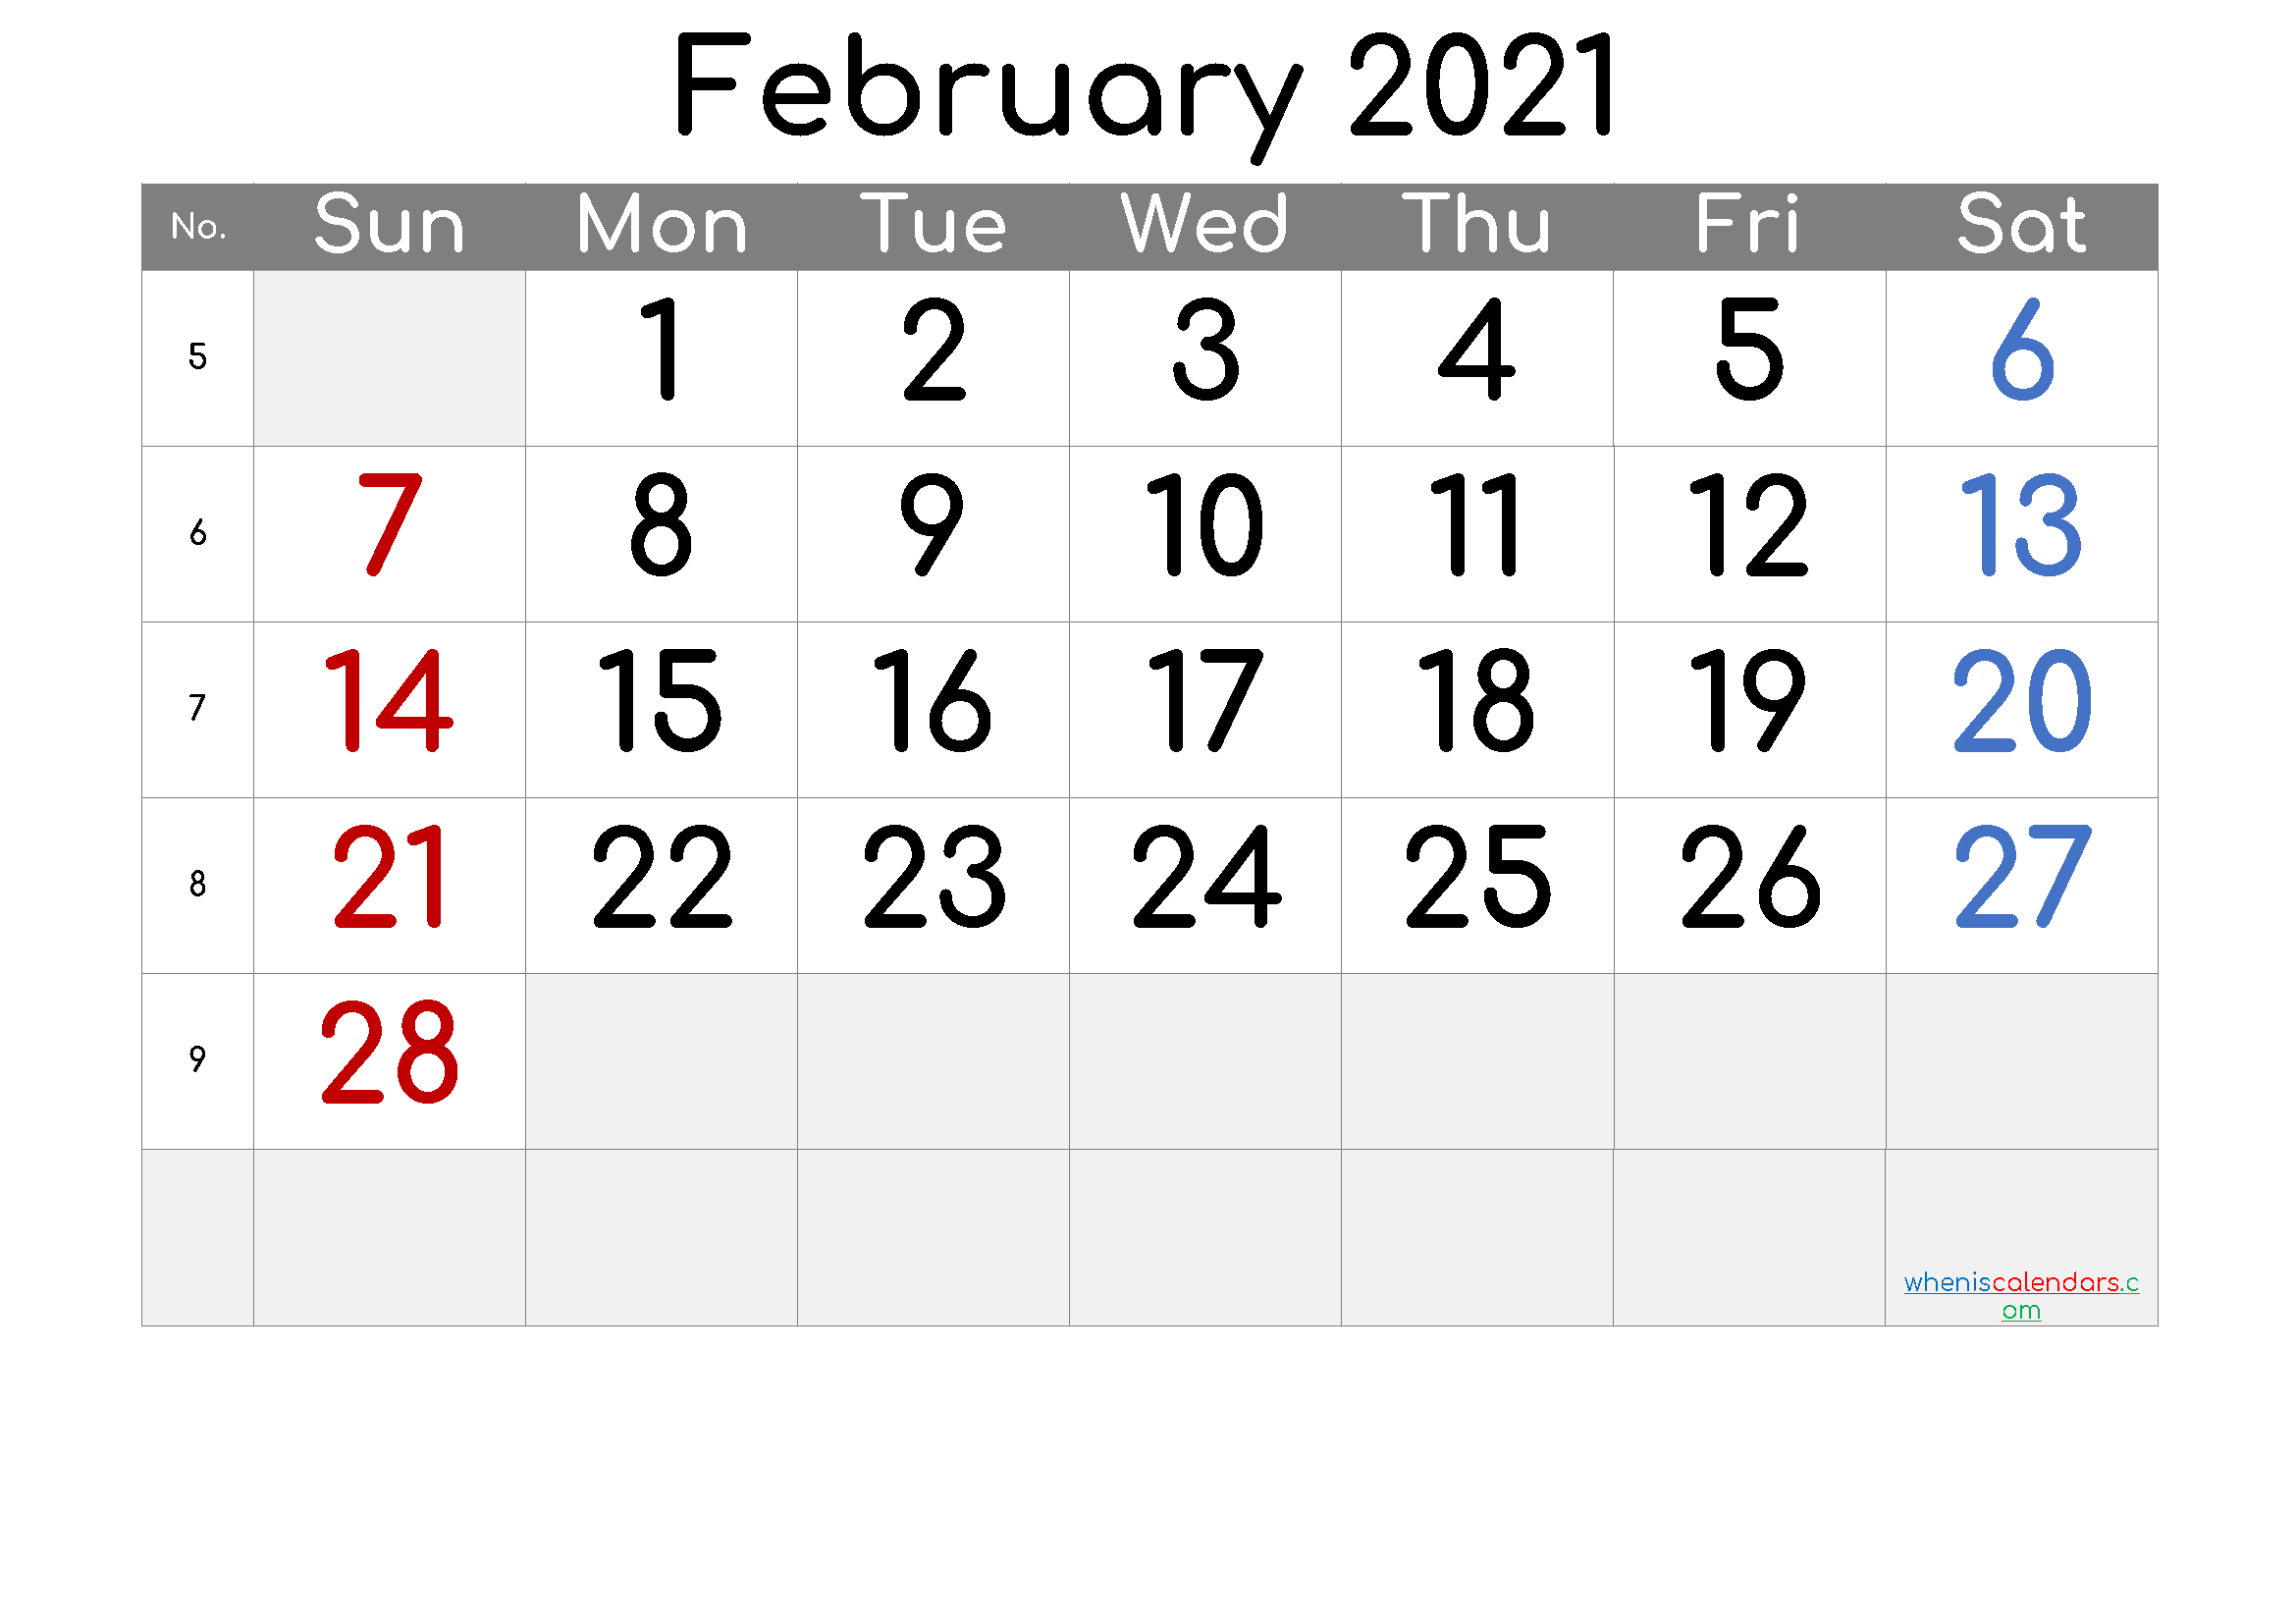 Free Printable February 2021 Calendar (Premium) - Free  February 2021 Calendar